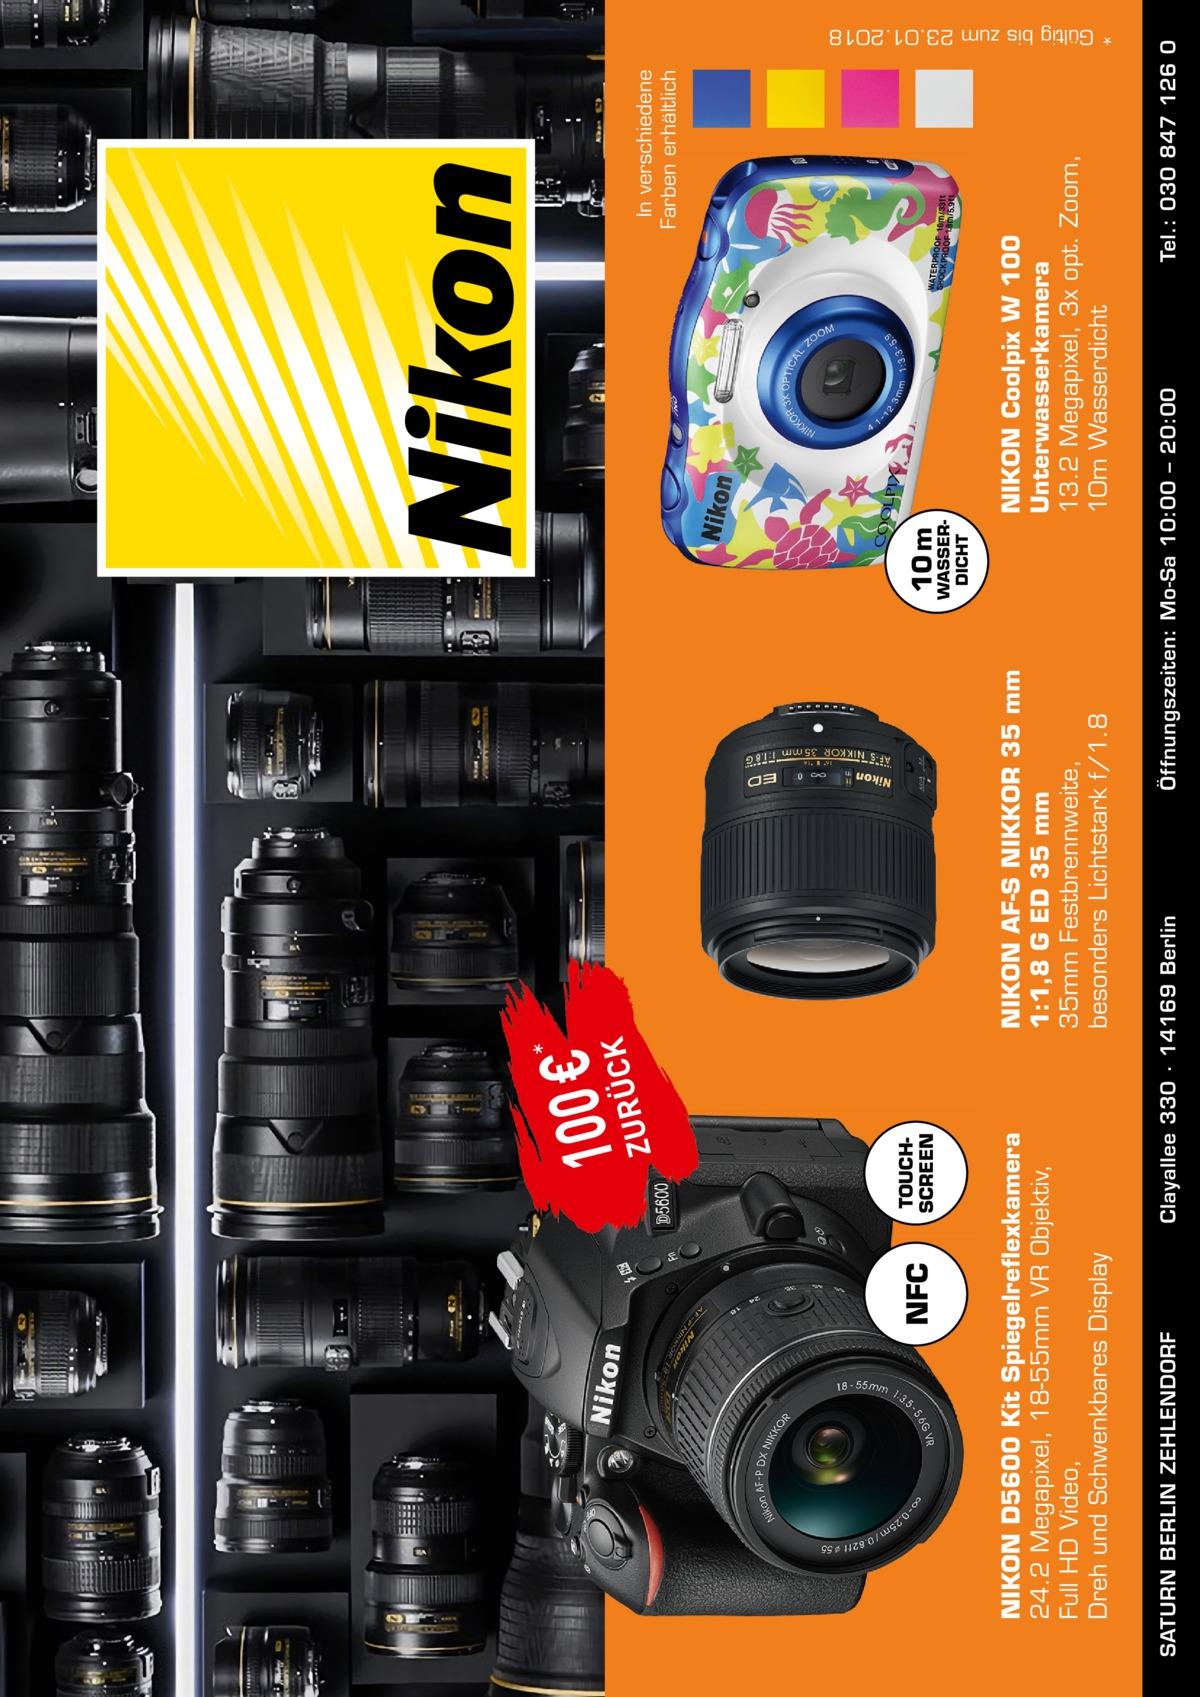 TOUCH SCREEN  SATURN BERLIN ZEHLENDORF  10 m  WASSER DICHT  In verschiedene Farben erhältlich  Tel.: 030 847 126 0  NIKON Coolpix W 100 Unterwasserkamera 13.2 Megapixel, 3x opt. Zoom, 10m Wasserdicht Öffnungszeiten: Mo-Sa 10:00 – 20:00  NIKON AFS NIKKOR 35 mm 1:1,8 G ED 35 mm 35mm Festbrennweite, besonders Lichtstark f/1.8  Clayallee 330 ∙ 14169Berlin  NIKON D5600 Kit Spiegelreflexkamera 24.2 Megapixel, 18-55mm VR Objektiv, Full HD Video, Dreh und Schwenkbares Display  NFC  Z  1U0R0Ü€CK *  * Gültig bis zum 23.01.2018